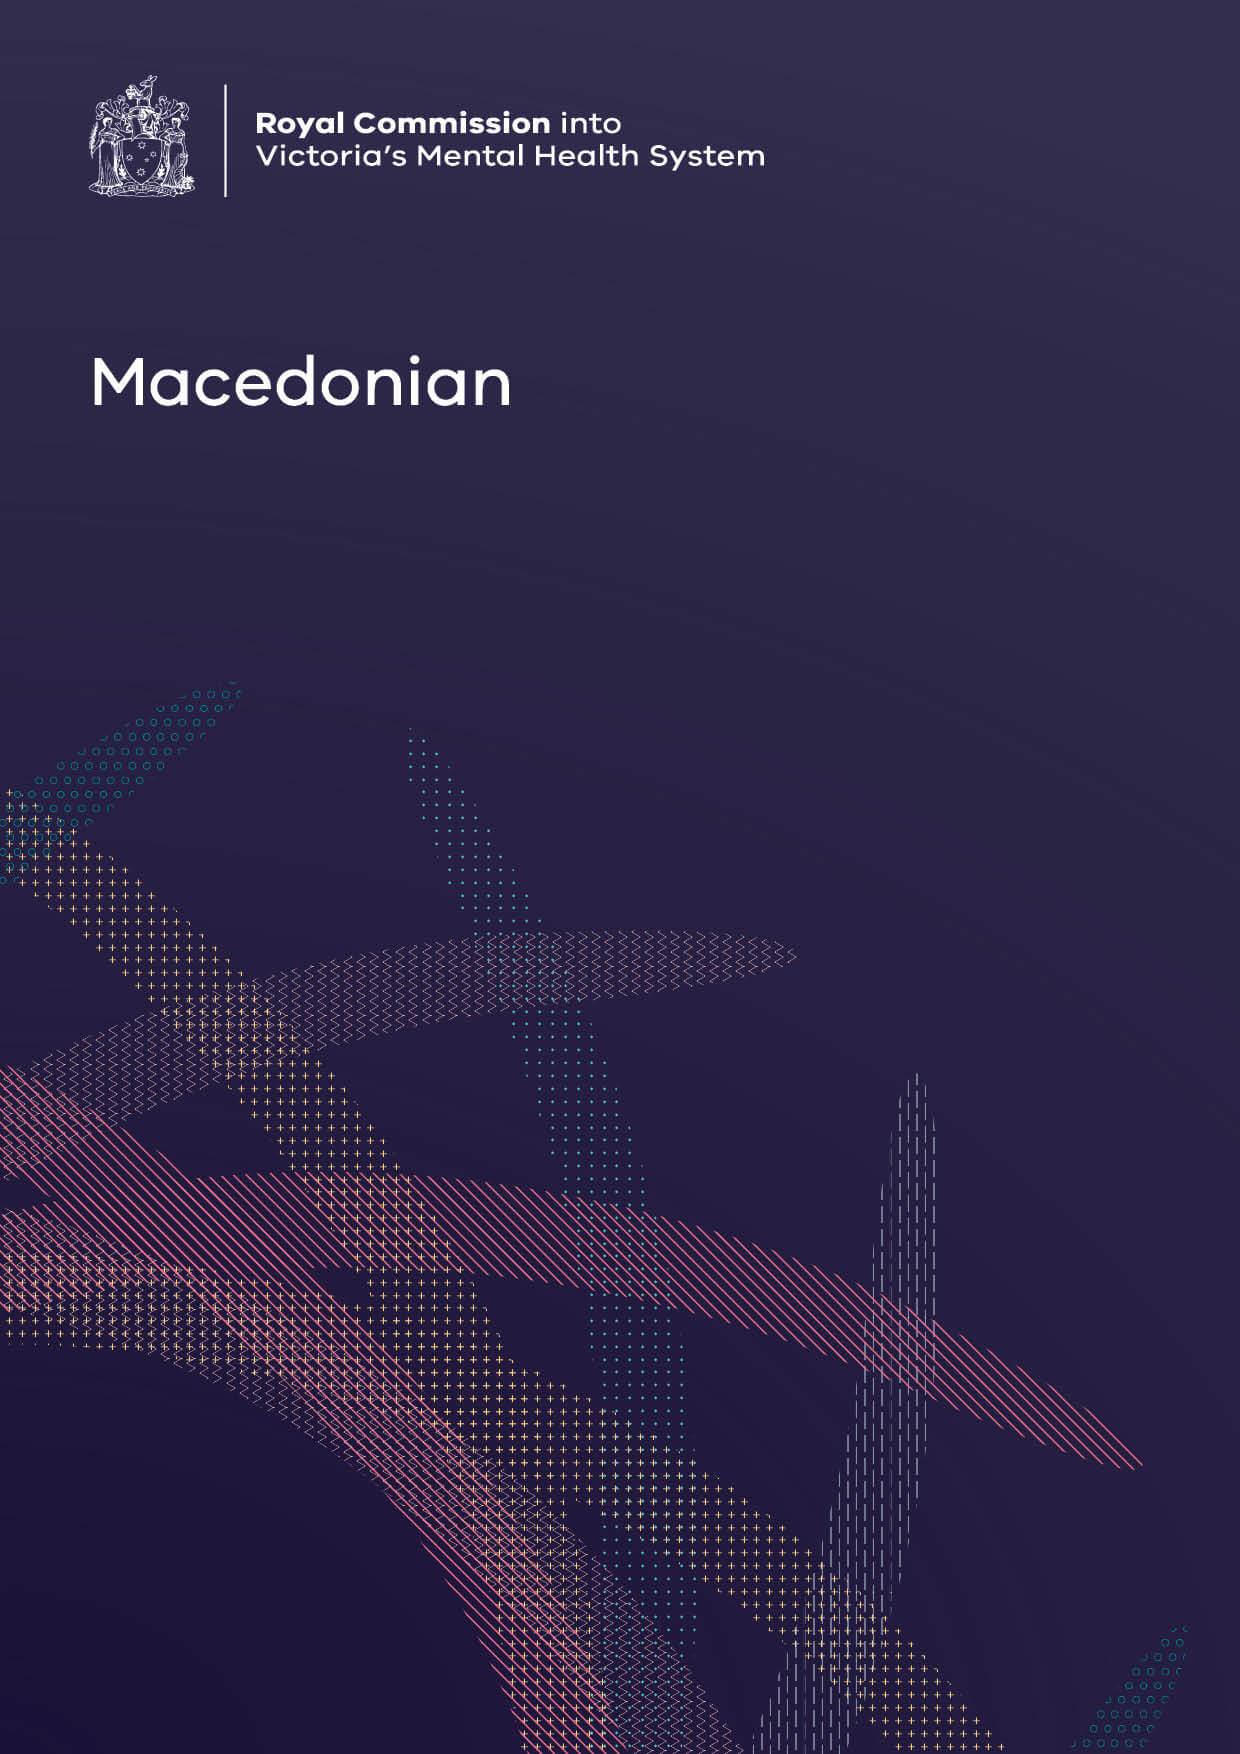 RCVMHS_FinalReport_Covers_Macedonian